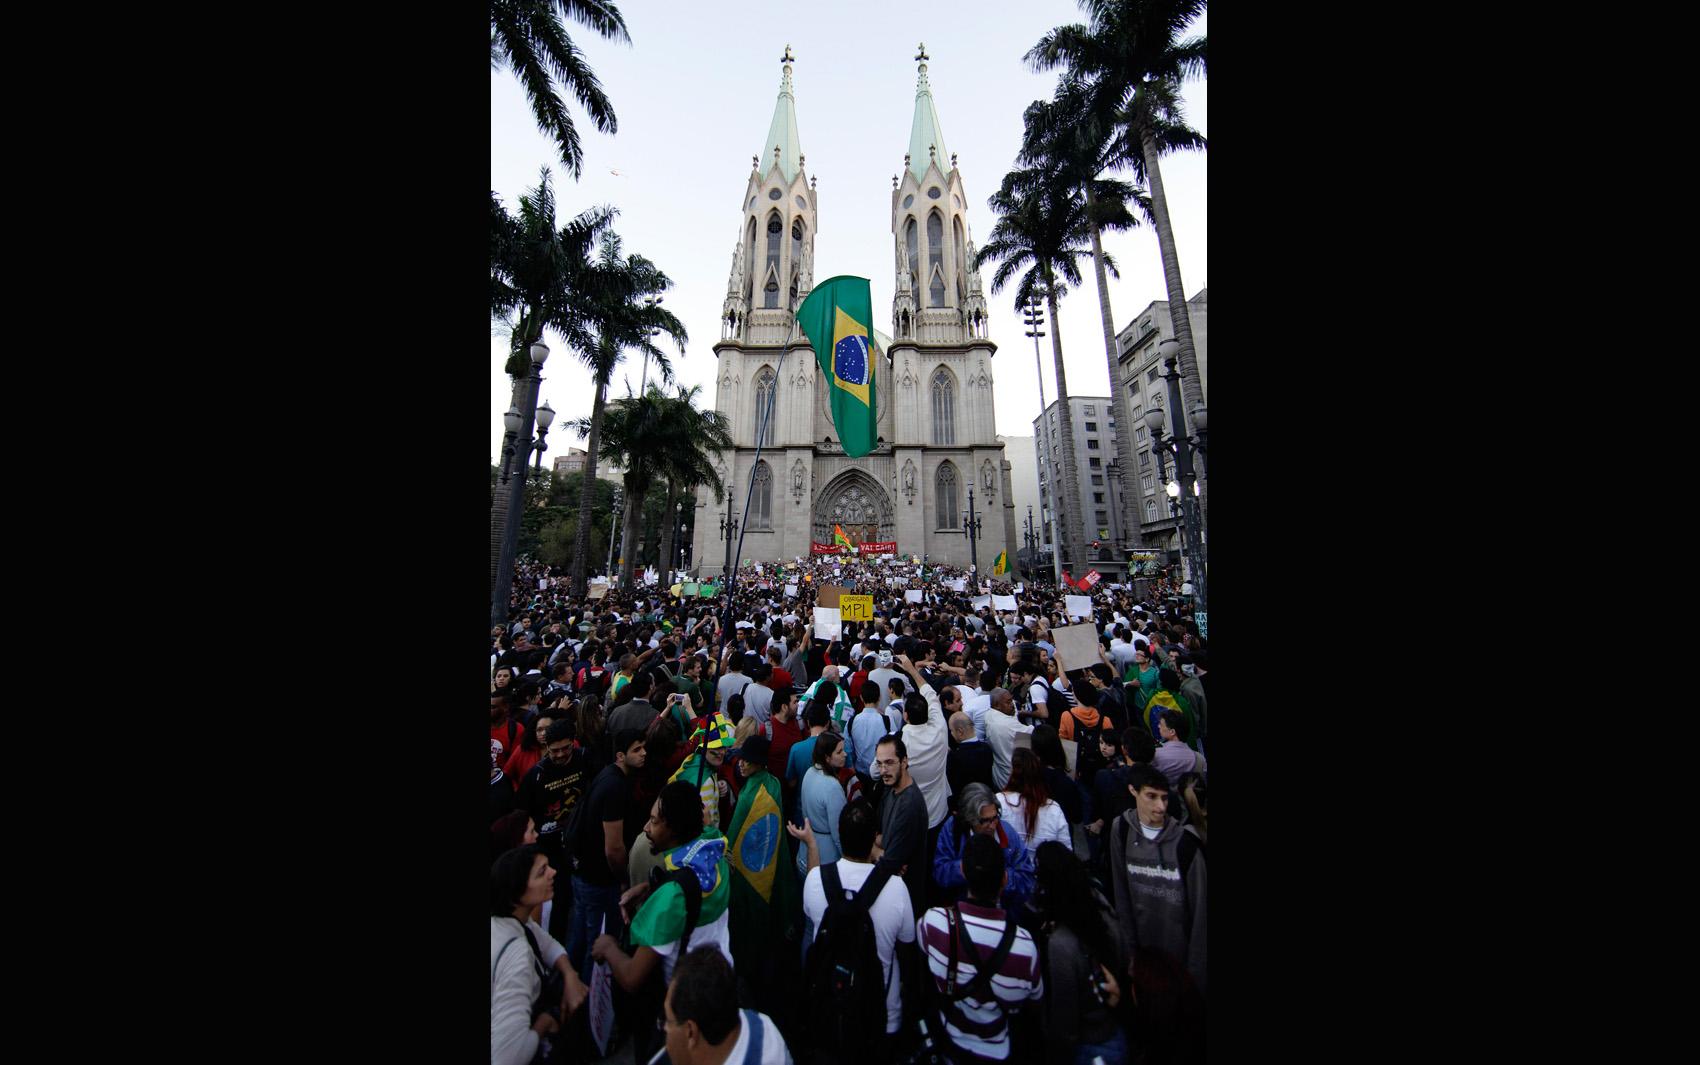 Manifestantes se reúnem na Praça da Sé em São Paulo